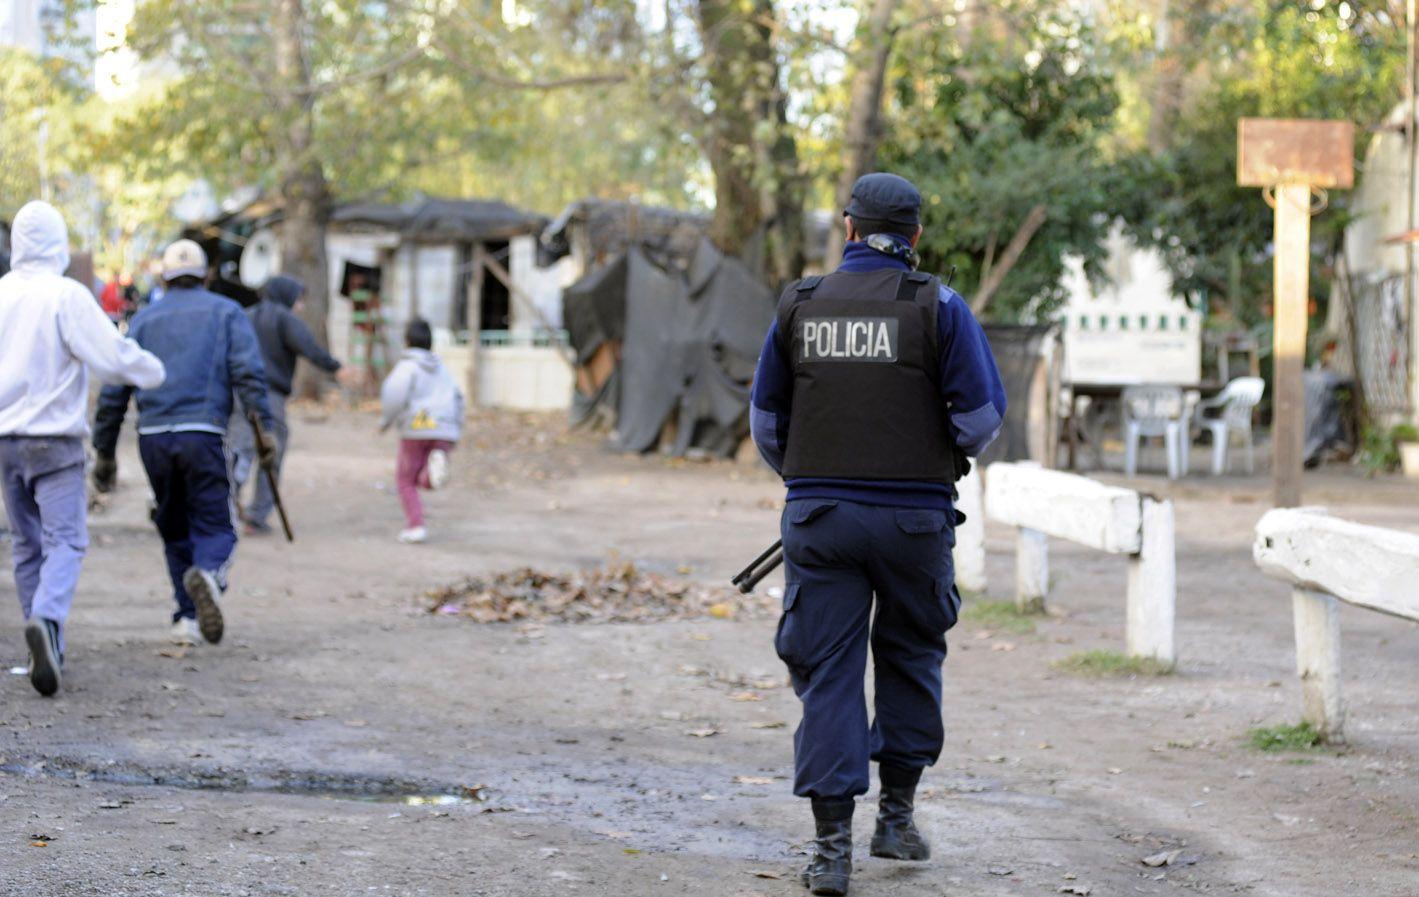 A las corridas. Tras el arresto de Prefectura llegó la policía provincial y se metió con todo en el asentamiento.